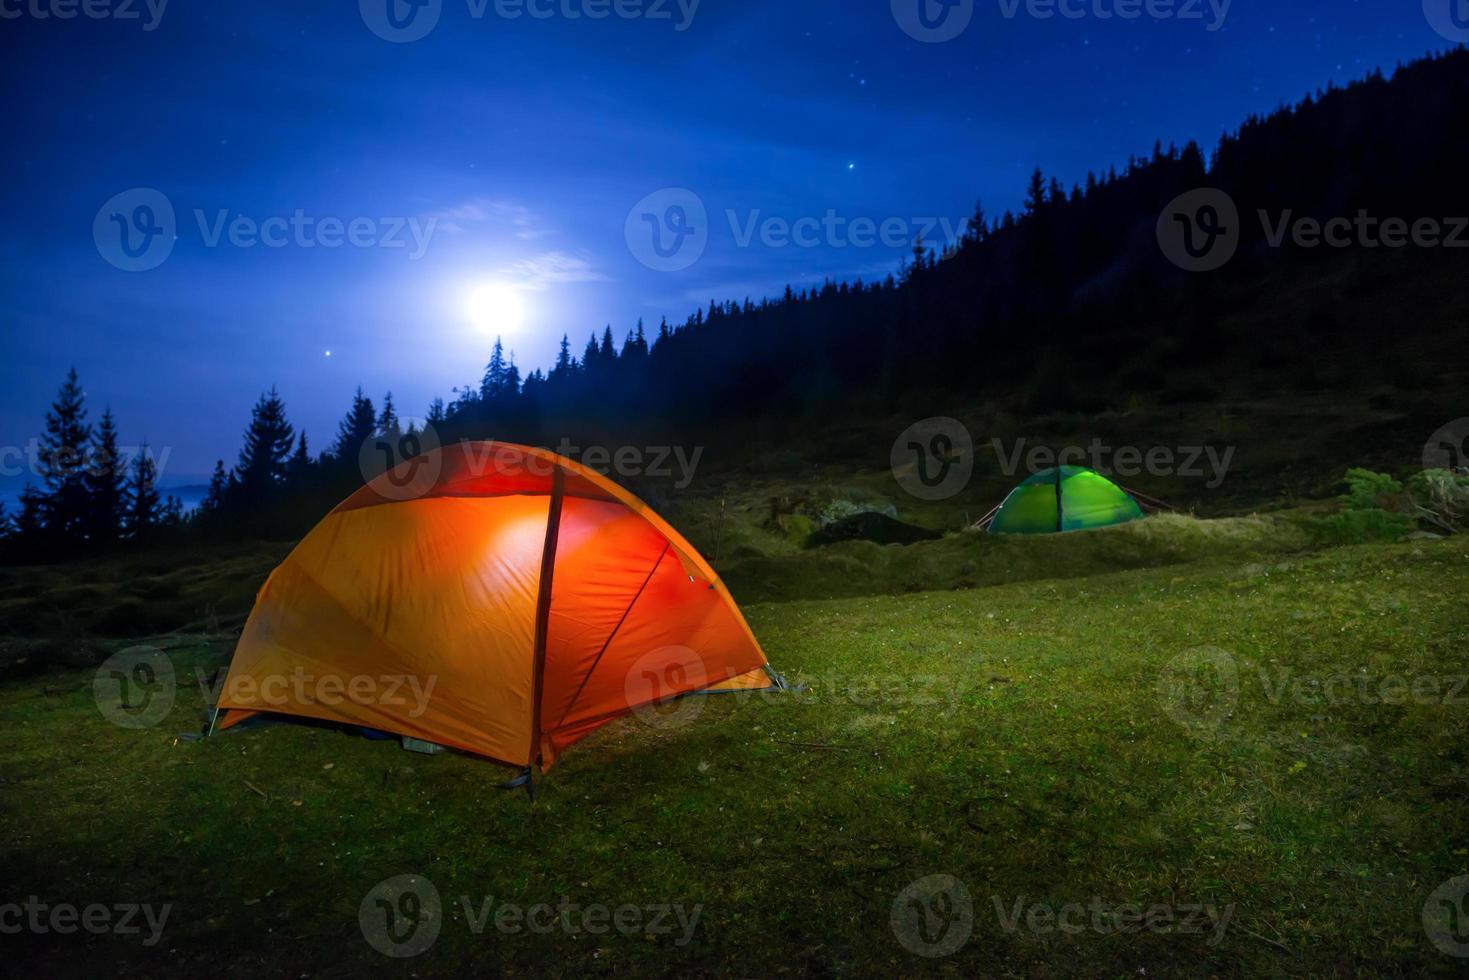 deux tentes de camping orange et vertes illuminées photo